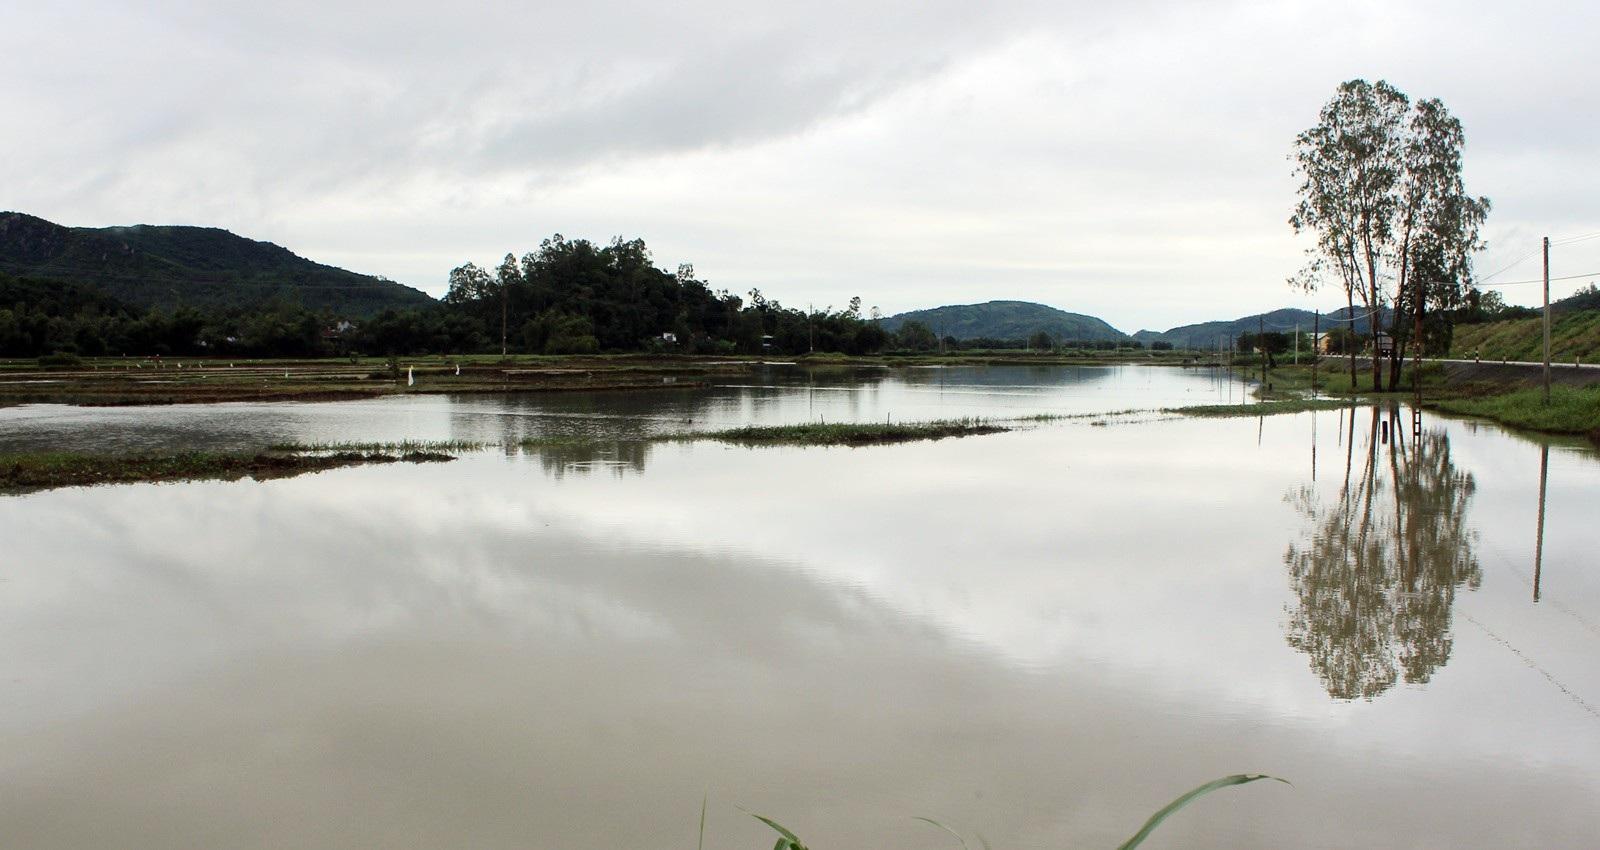 Hơn 330 tấn lúa giống đành đổ bỏ vì mưa lũ - Ảnh 6.